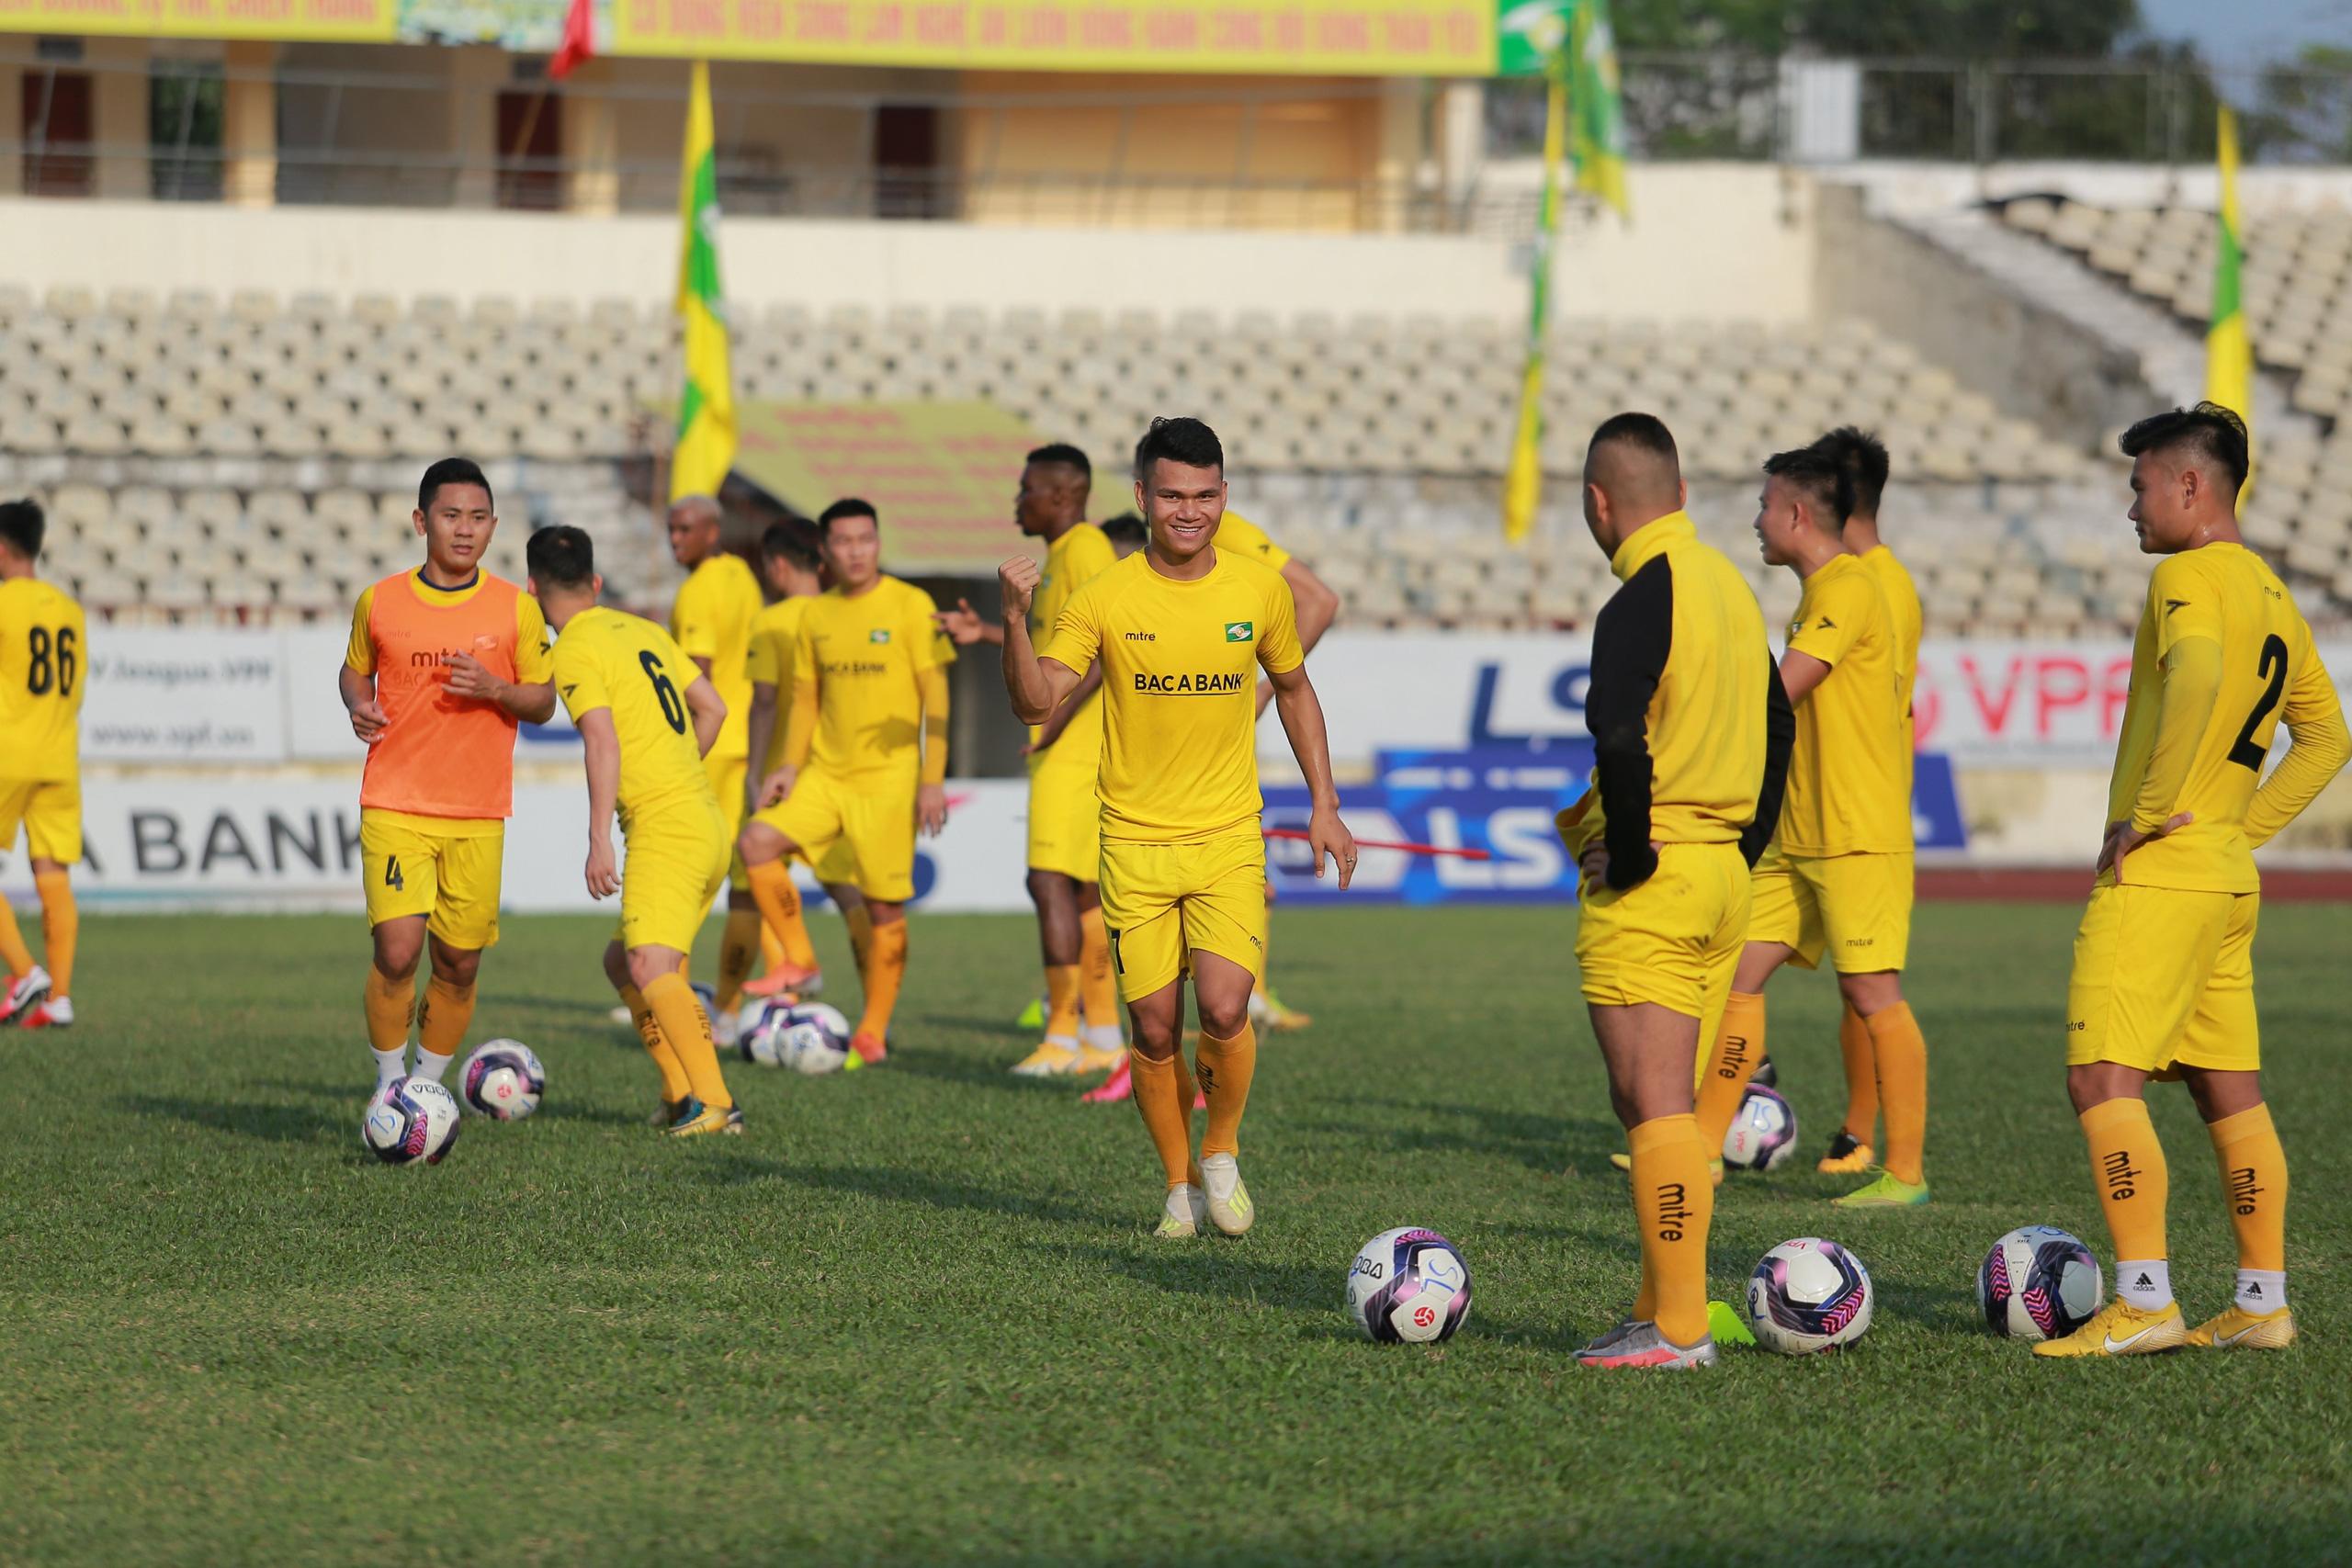 Nóng: Toàn bộ đội 1 của CLB bóng đá Sông Lam Nghệ An bị cách ly vì Covid-19 - Ảnh 3.